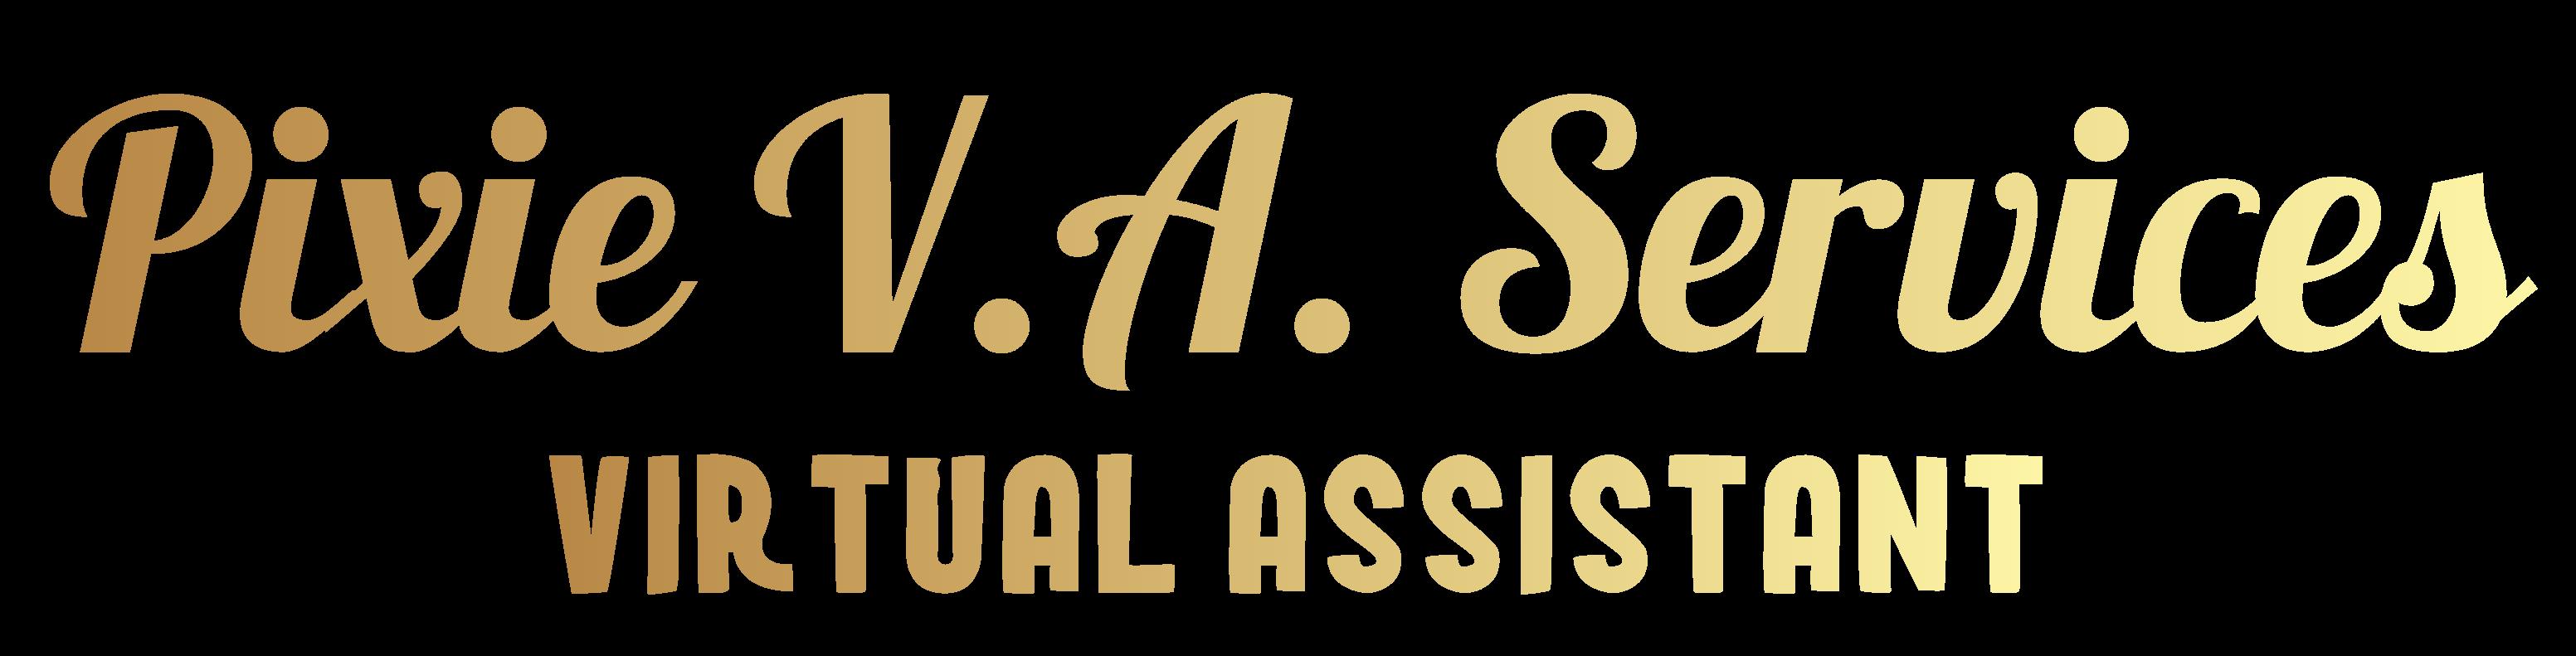 Pixie VA Services